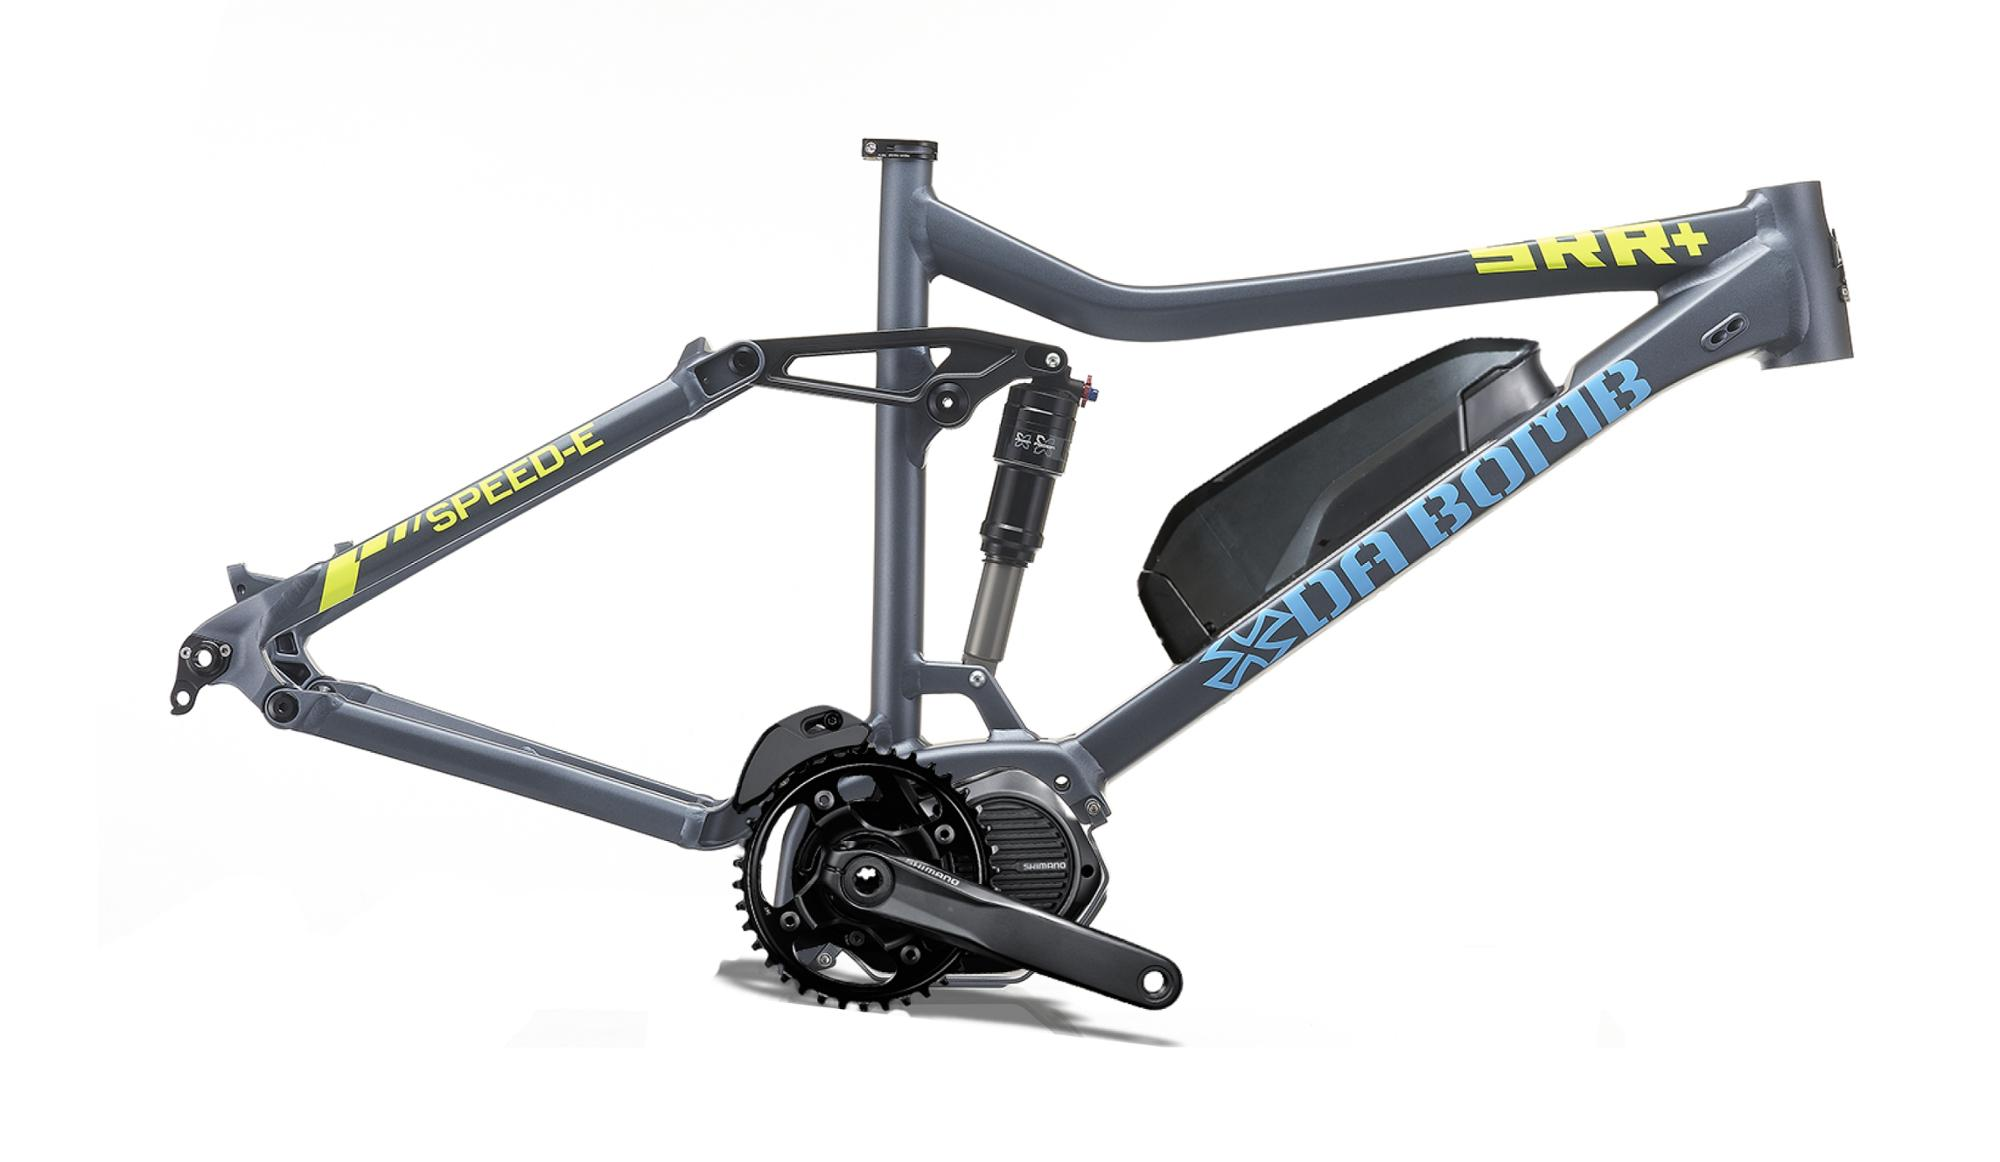 OEM Bike Alloy eBike Urban BaFang Motor Electric Fat Bike